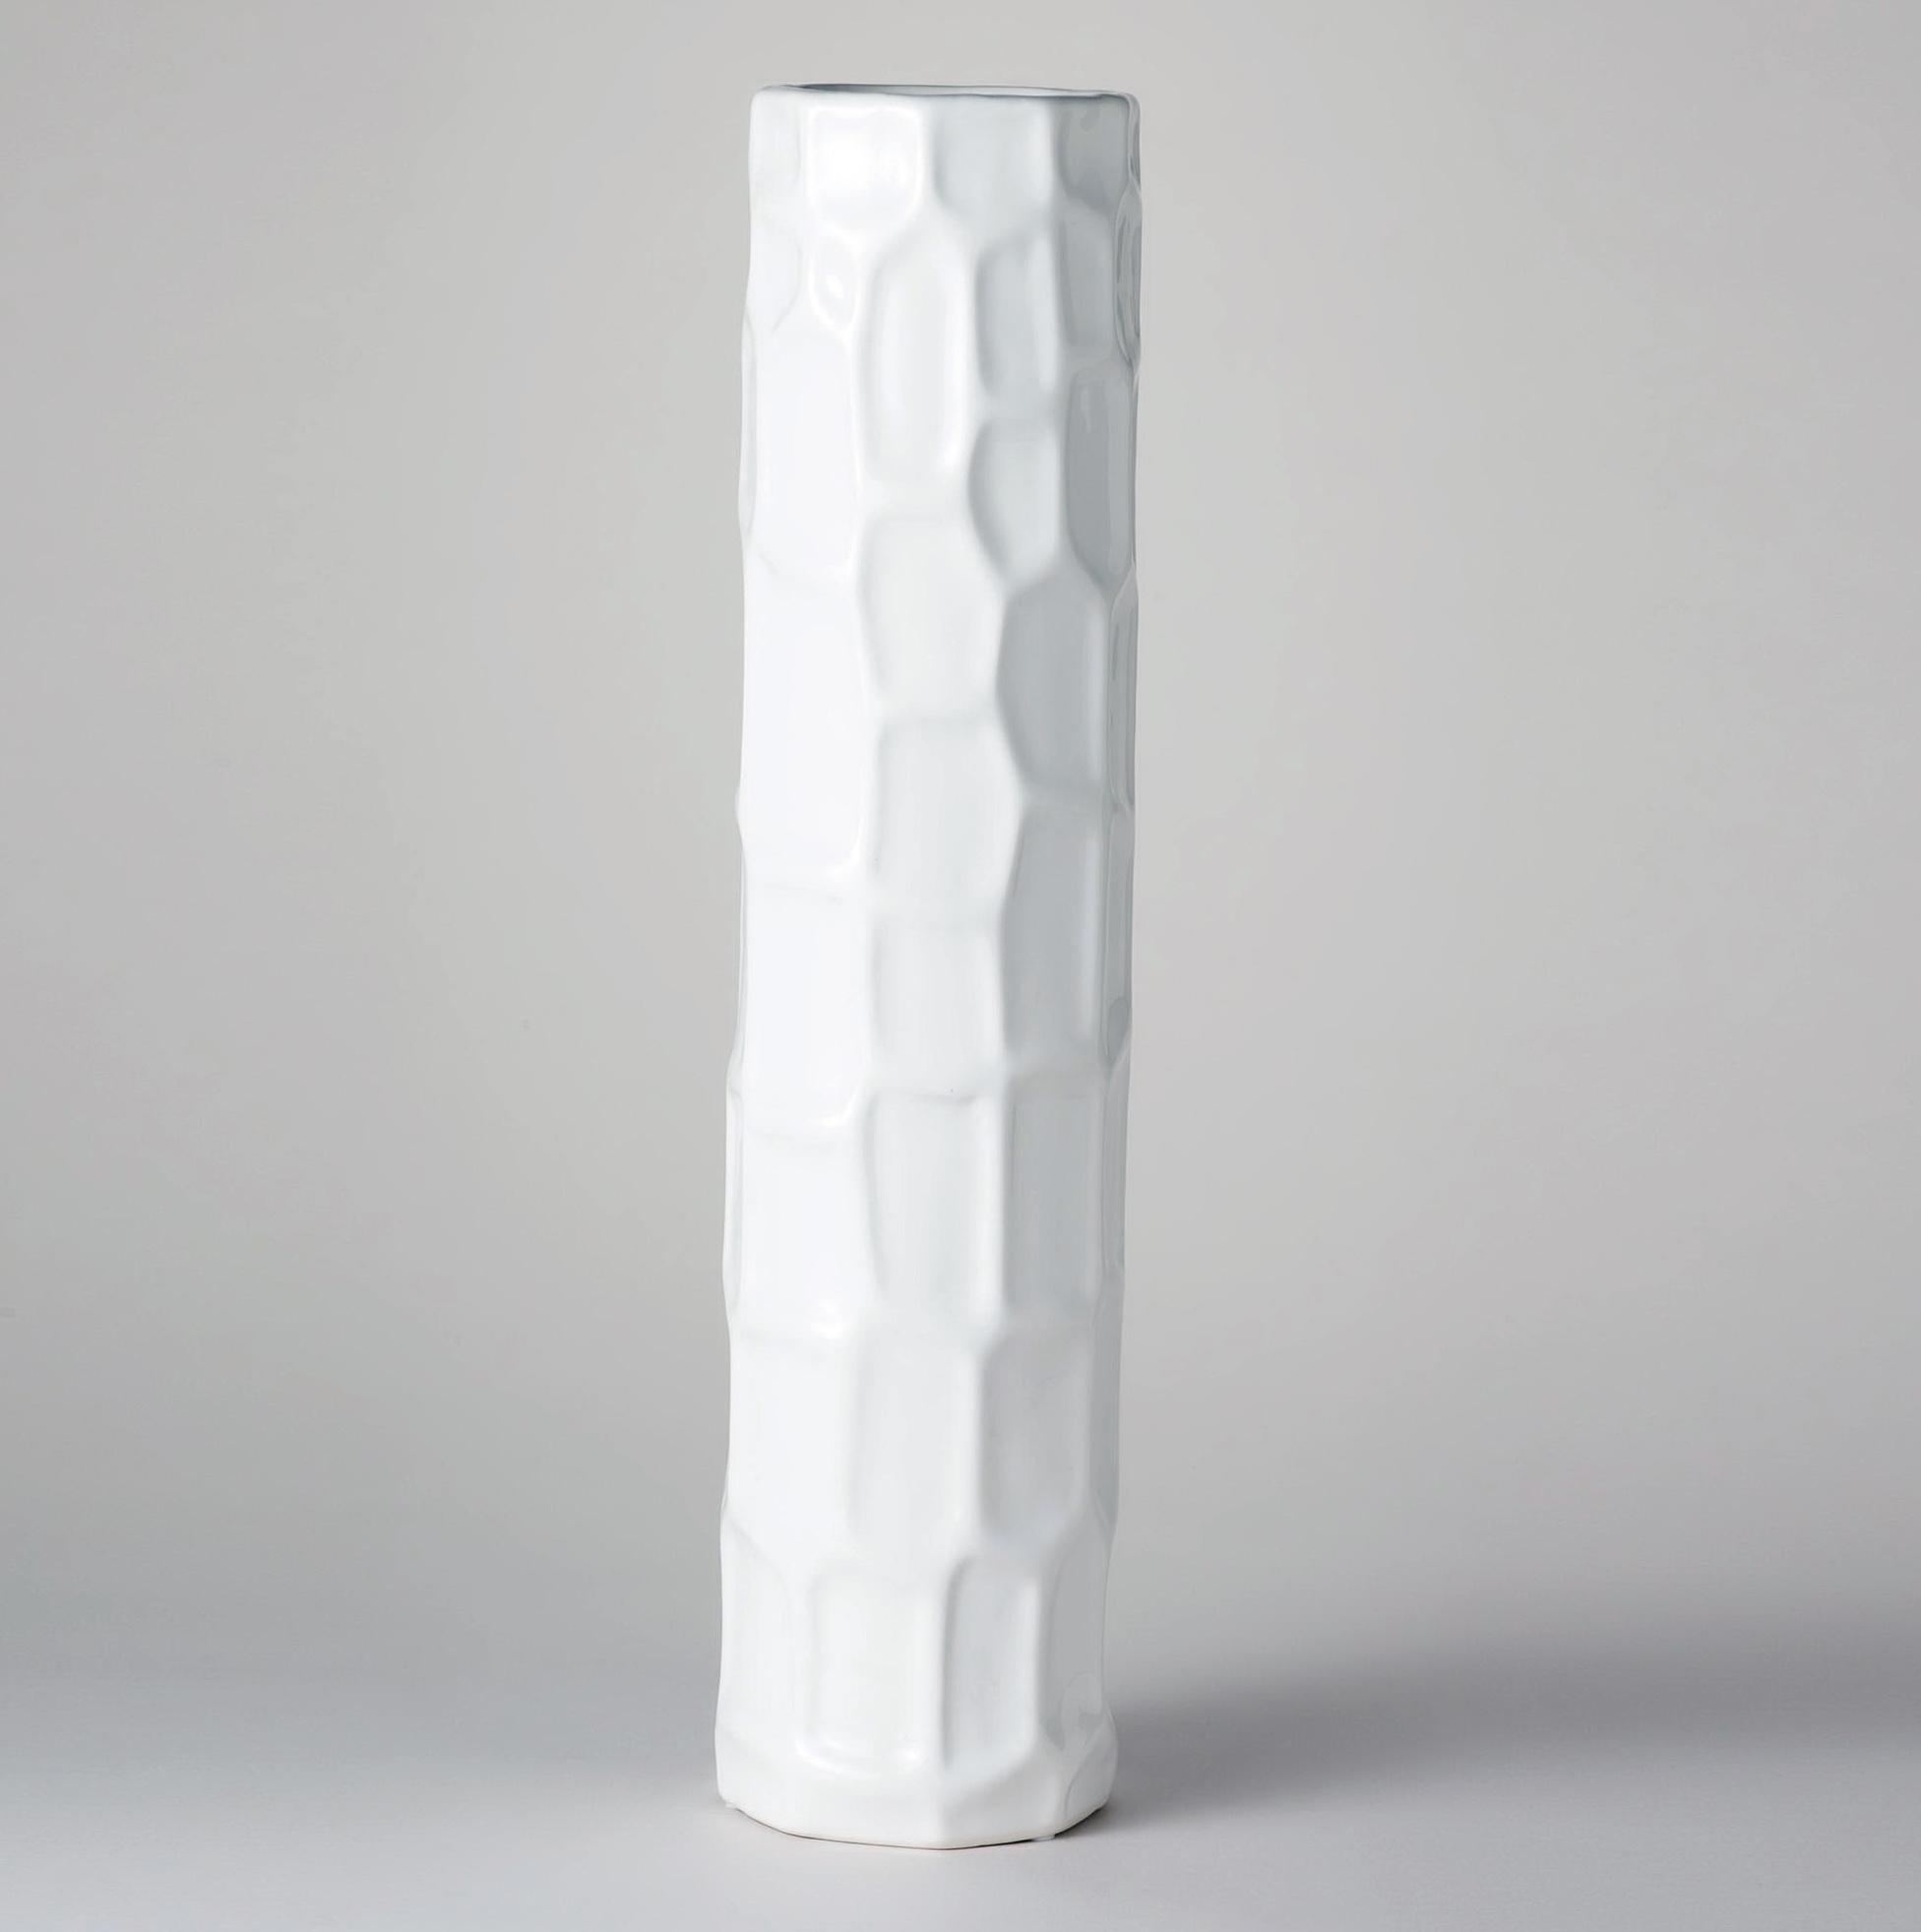 Tall White Ceramic Vases